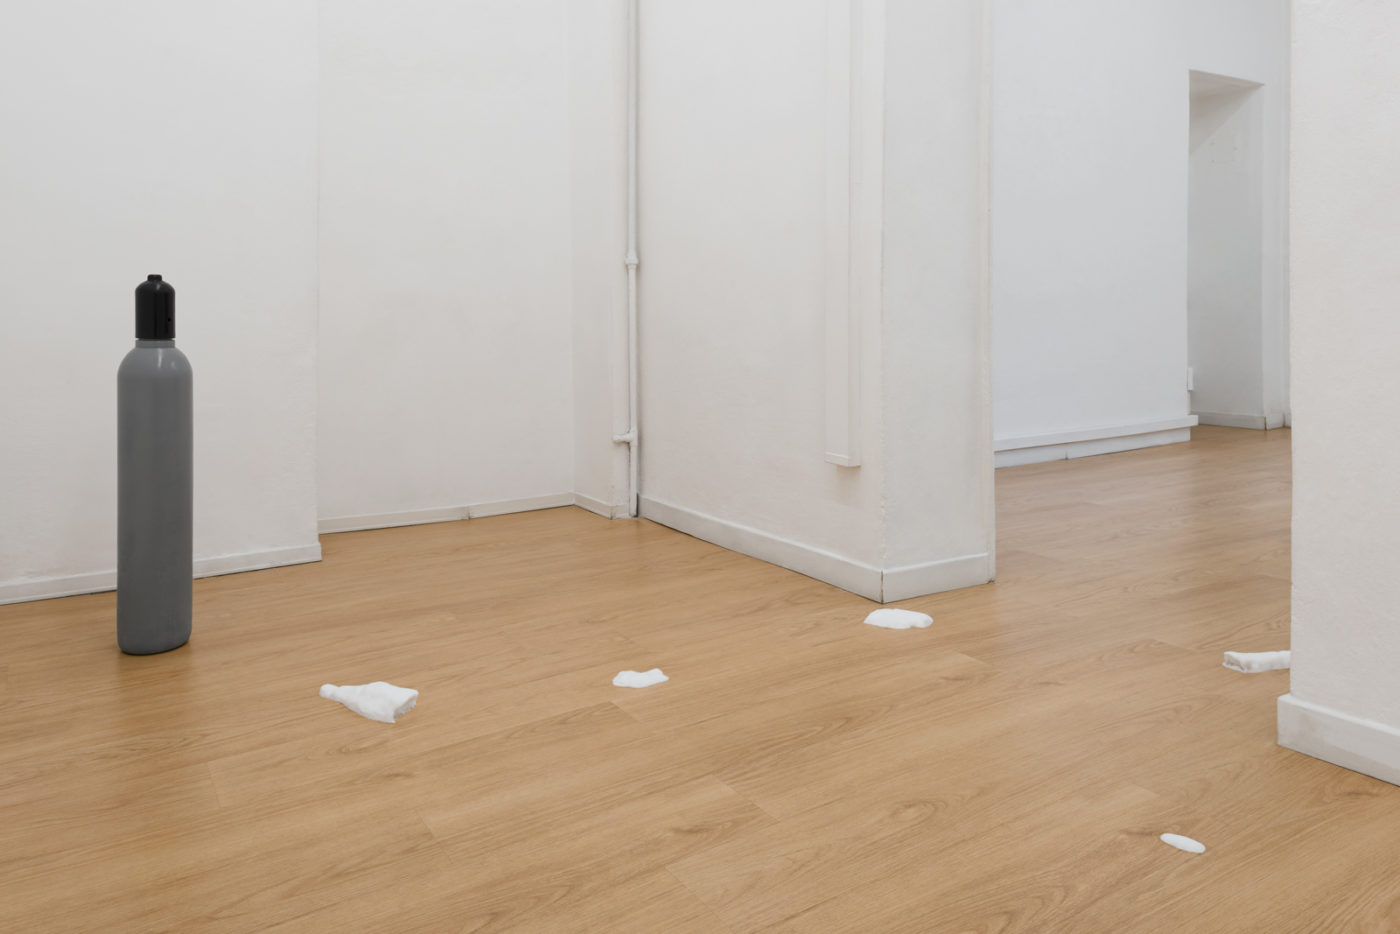 Lisa Dalfino & Sacha Kanah - Vibrisse, Clima, Milano